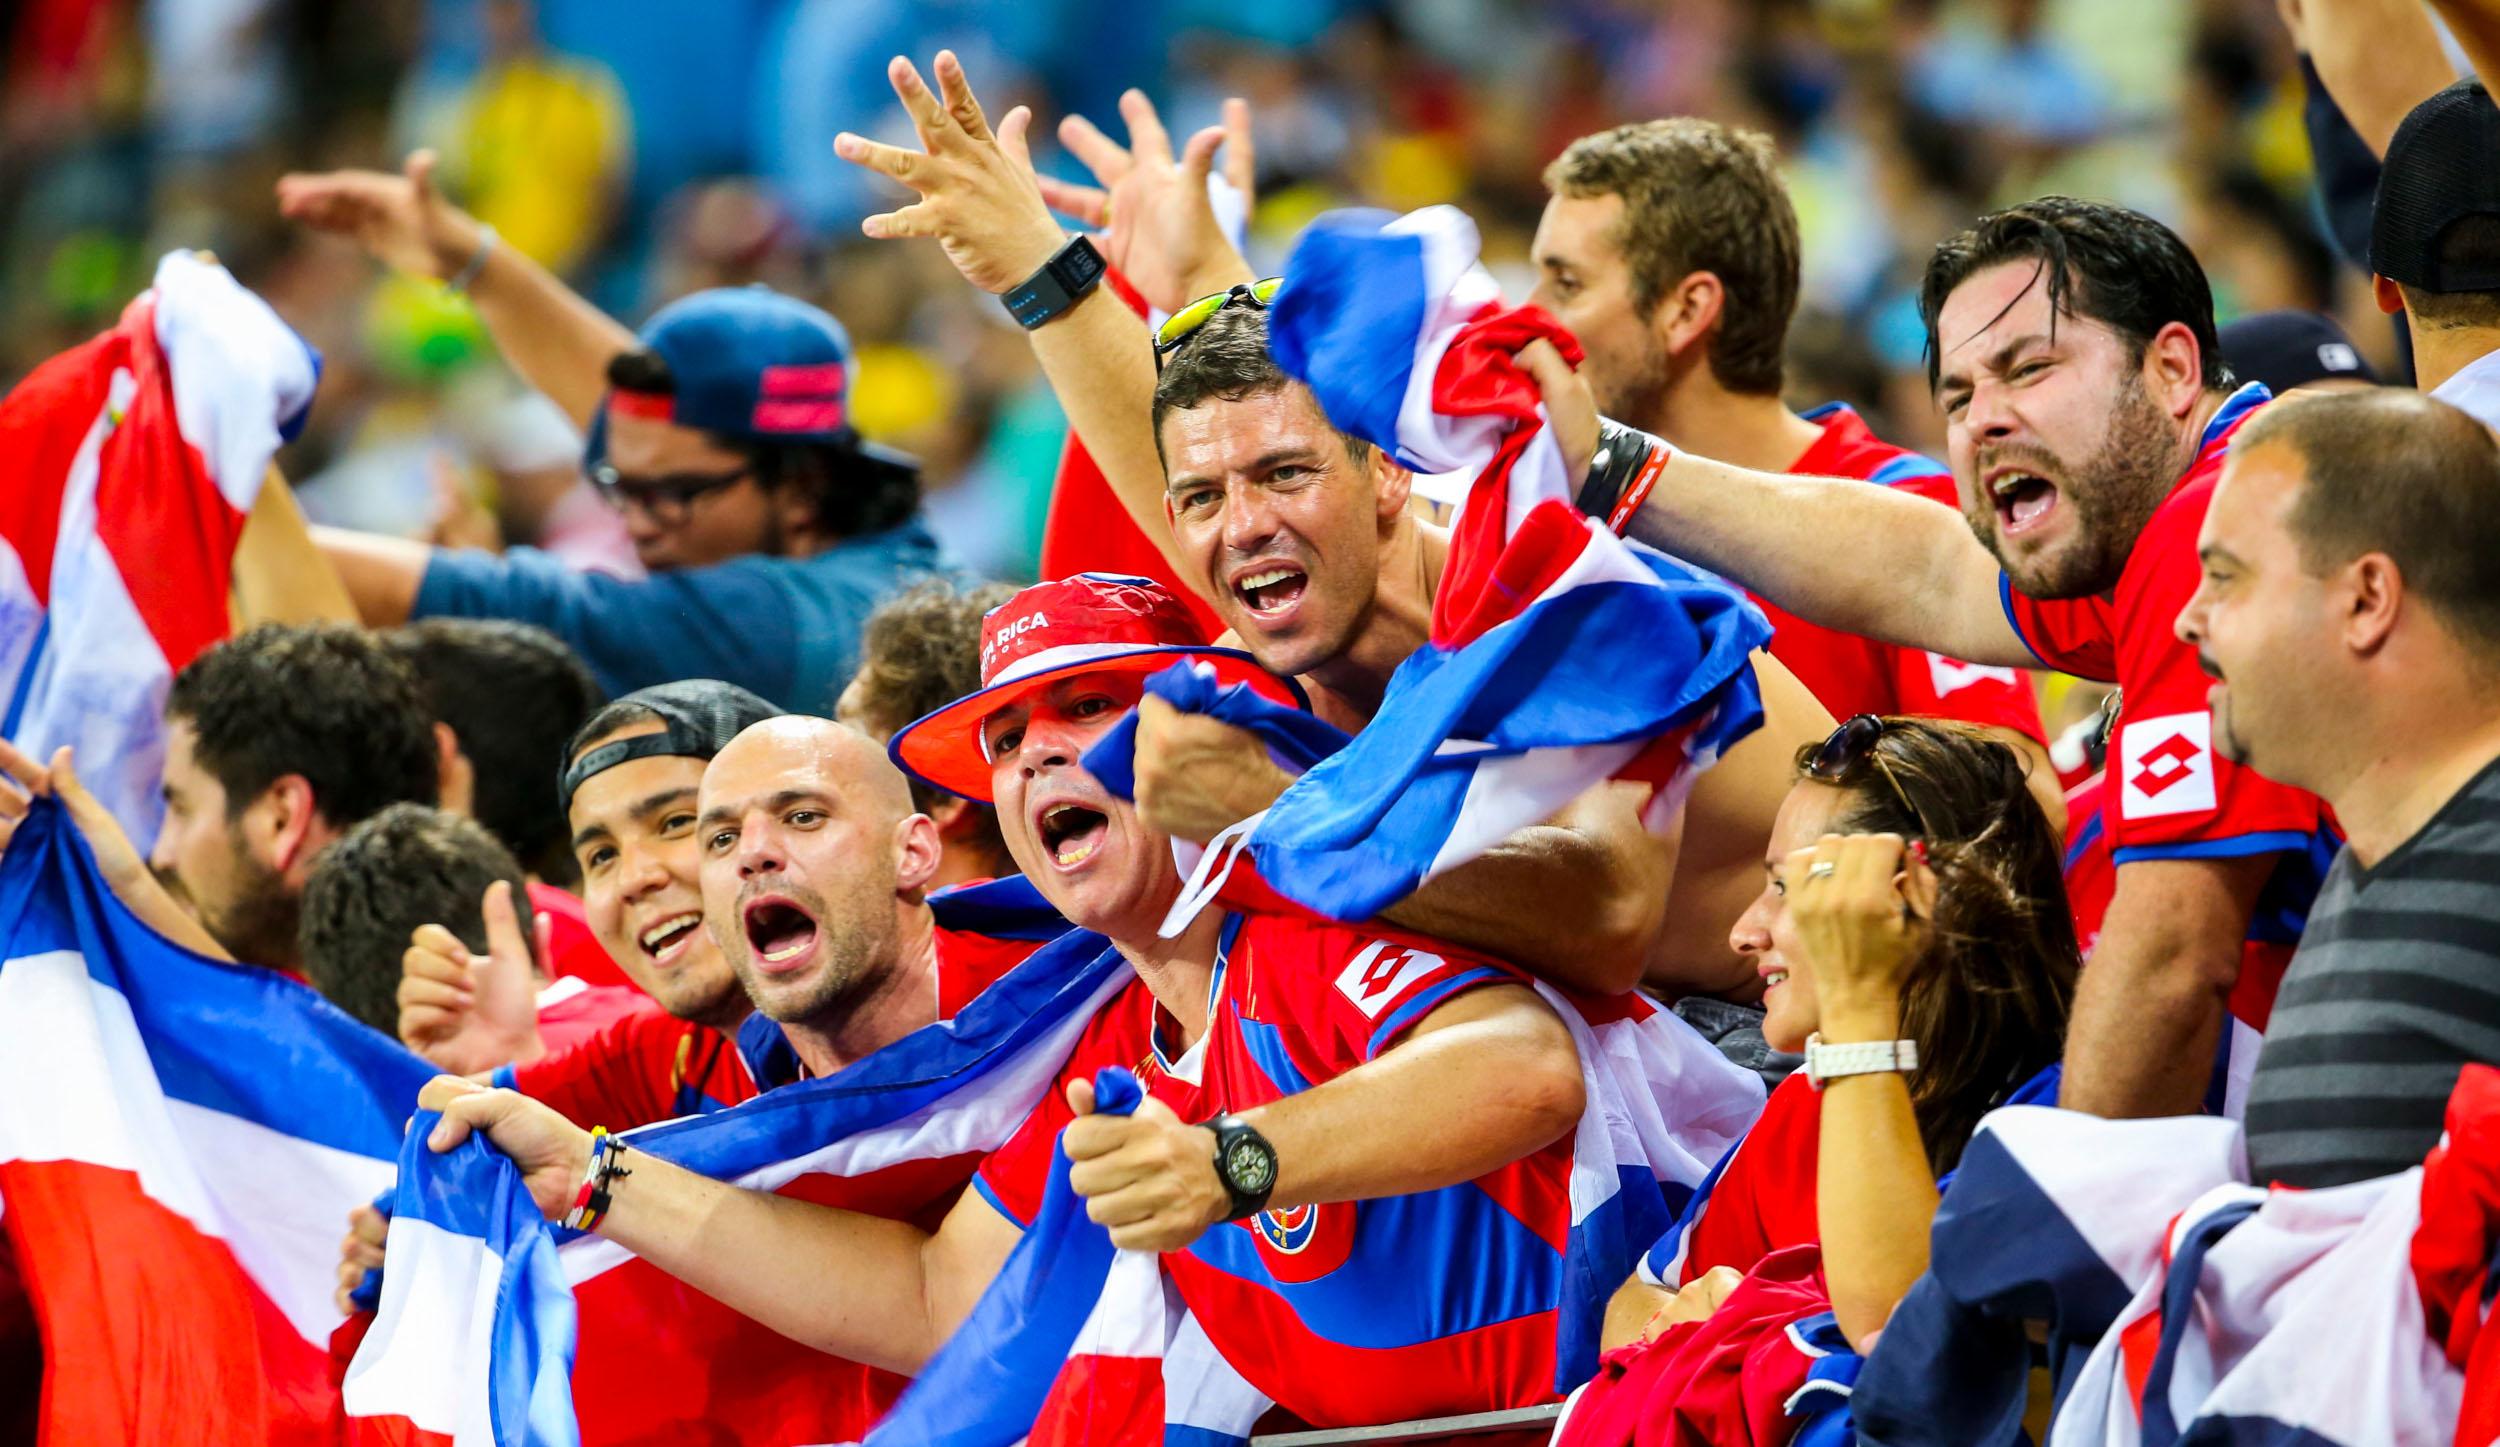 Convocati Costa Rica 2018